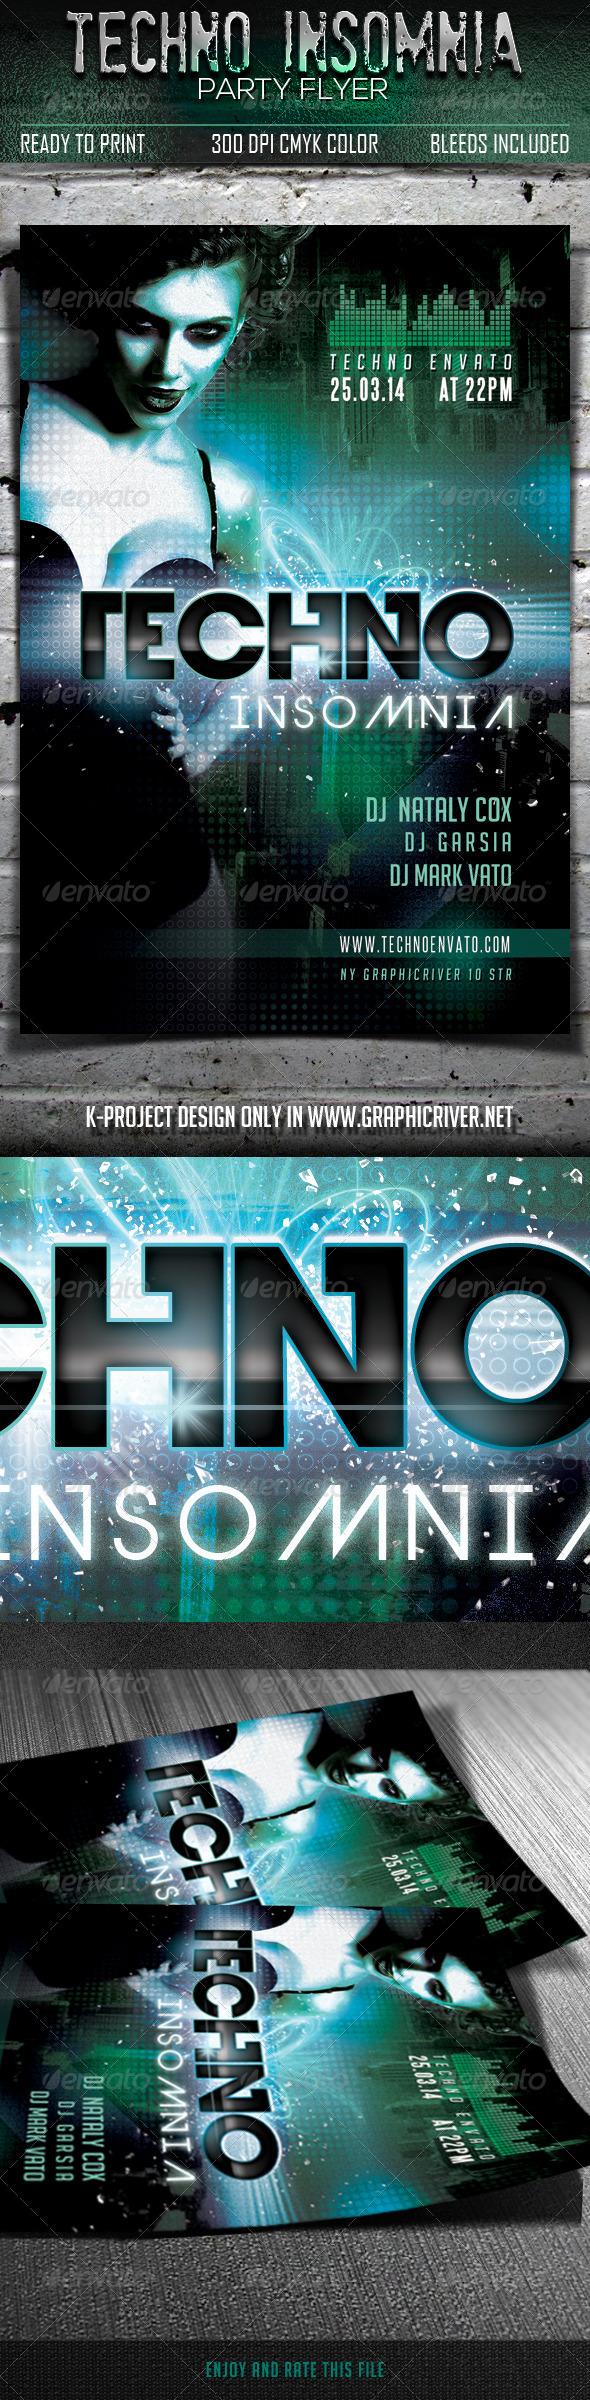 GraphicRiver Techno Insomnia Party Flyer 6757303